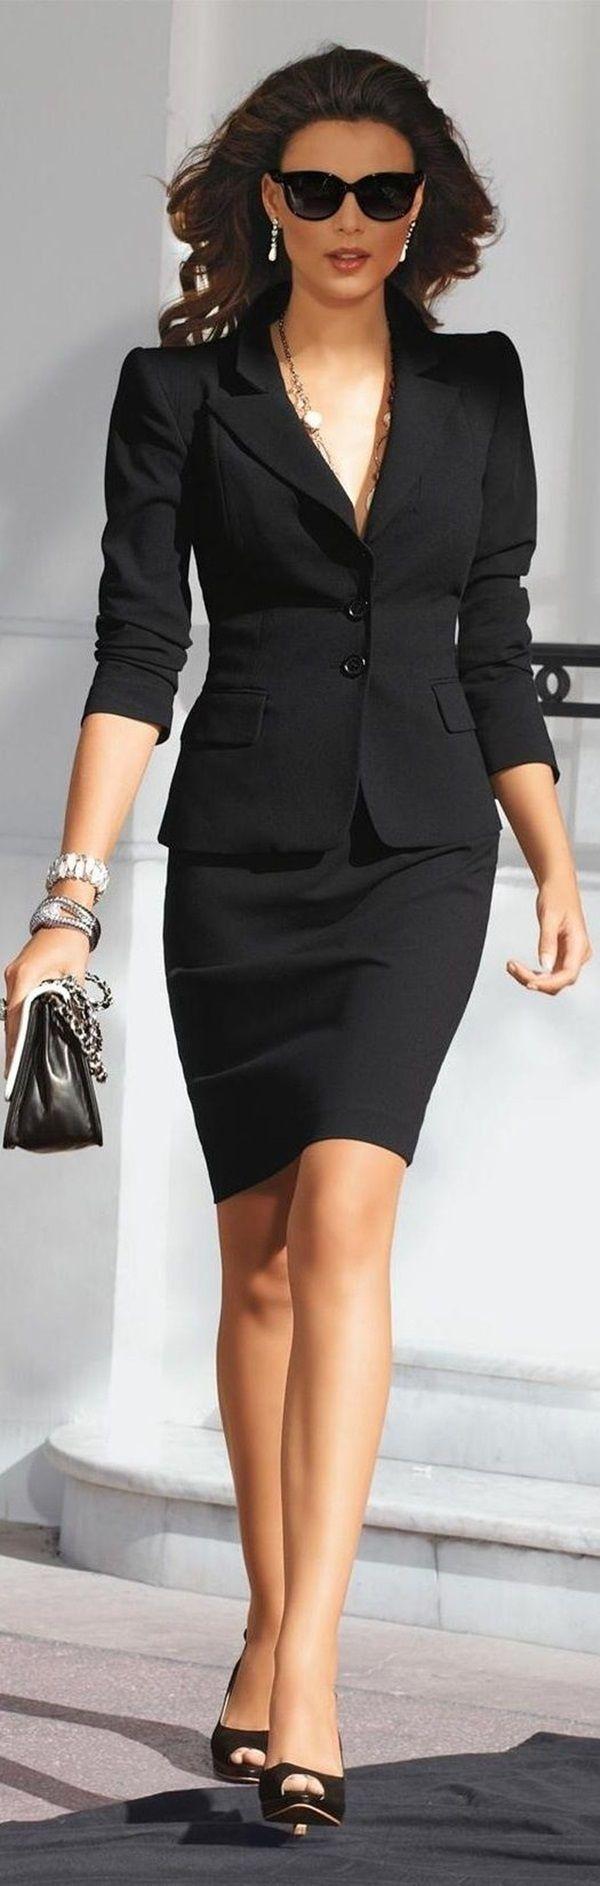 Trajes de trabajo de moda para las mujeres (8)